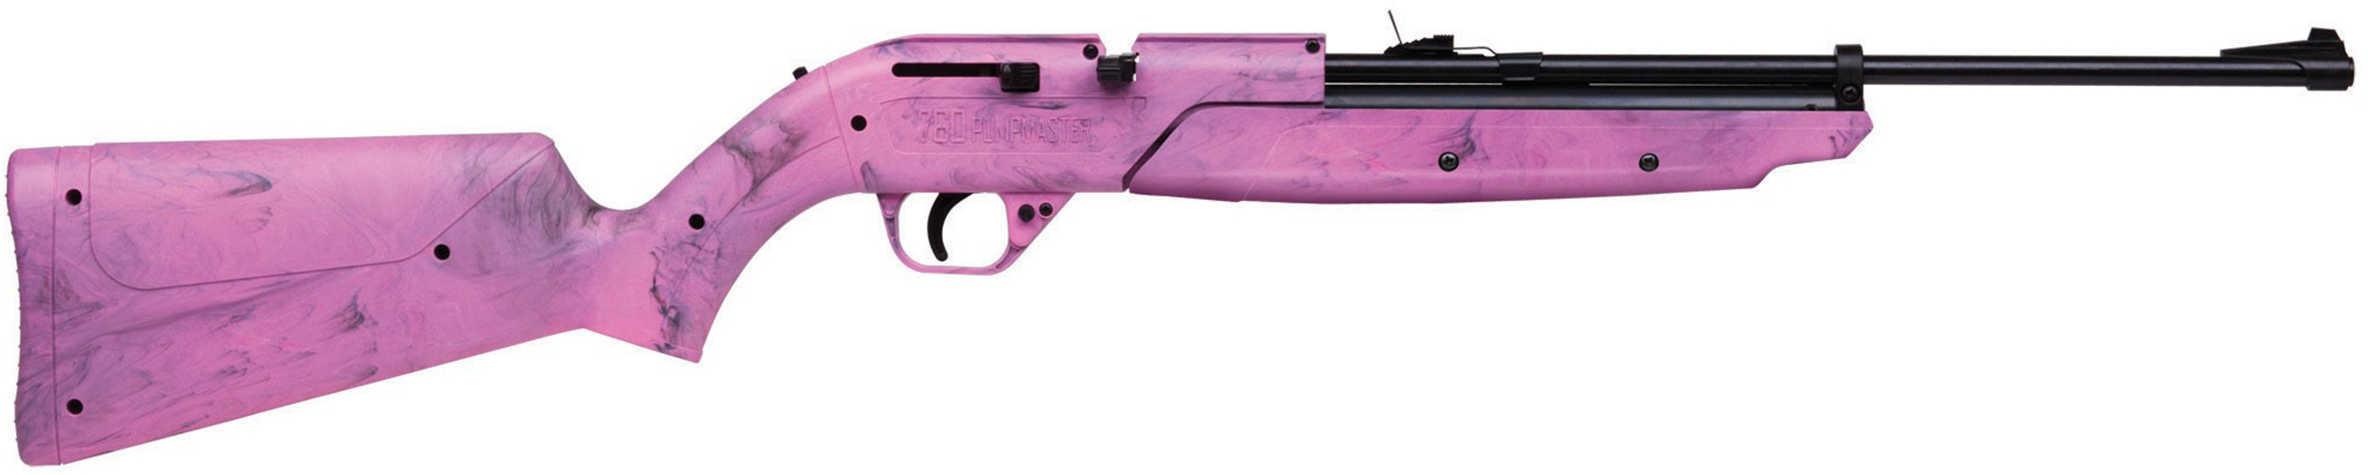 Crossman 760 Pump Master, Pink, .177 Caliber, Pellet, BB Md: 760P